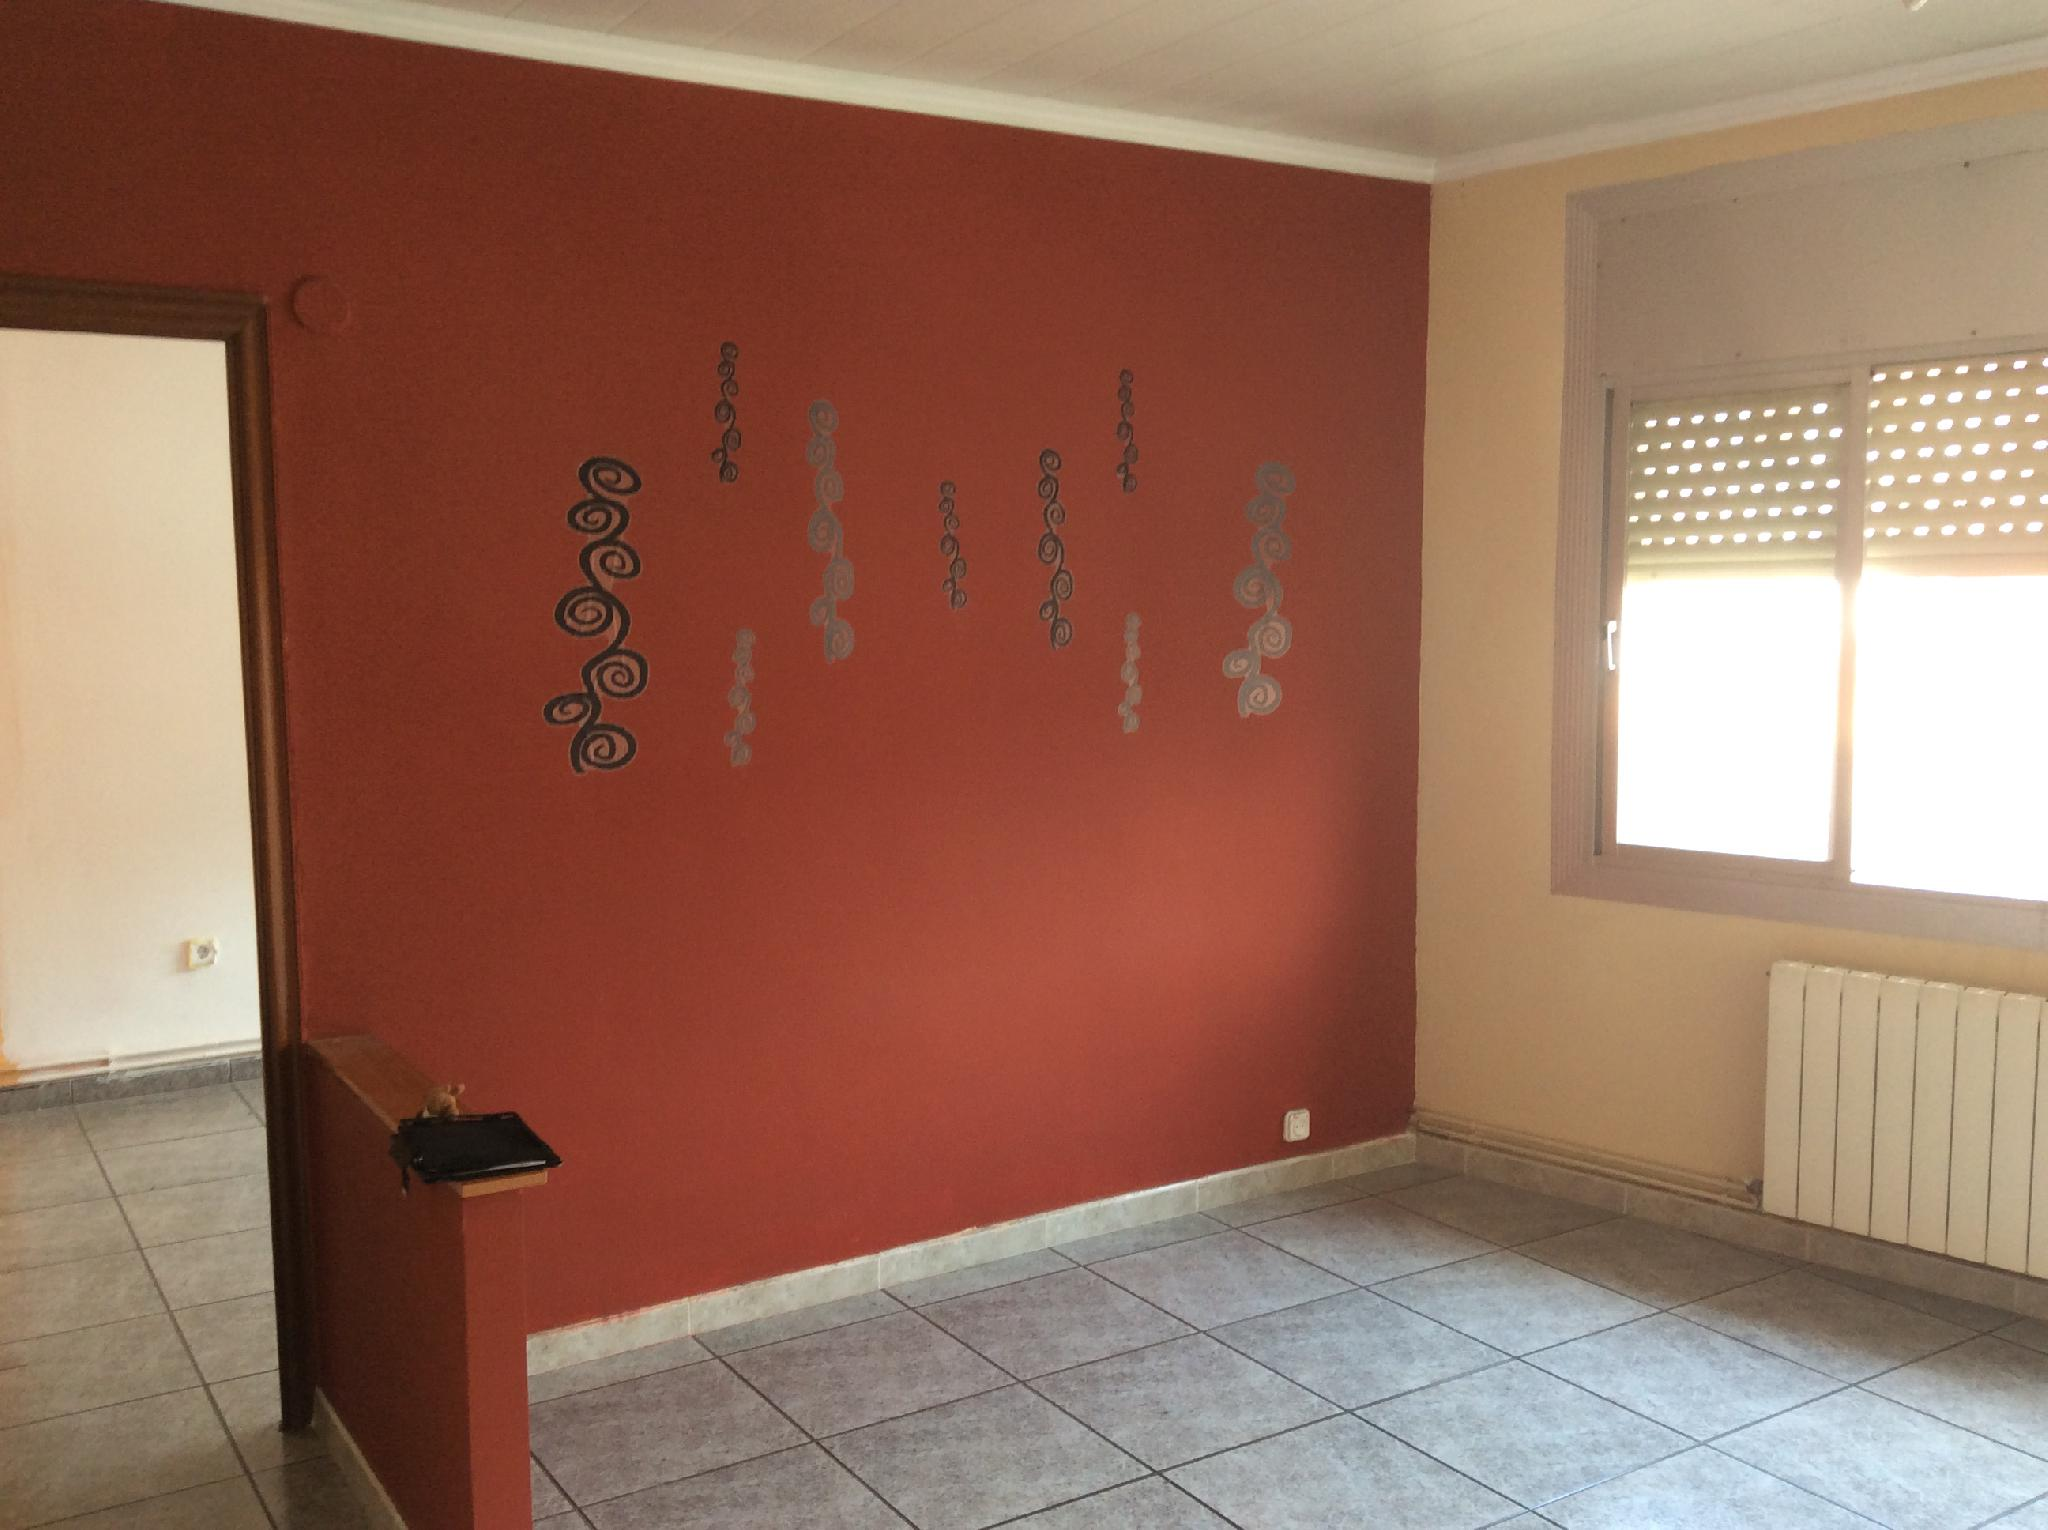 Piso creu de barber sabadell barcelona 124020 for Pisos de banco sabadell